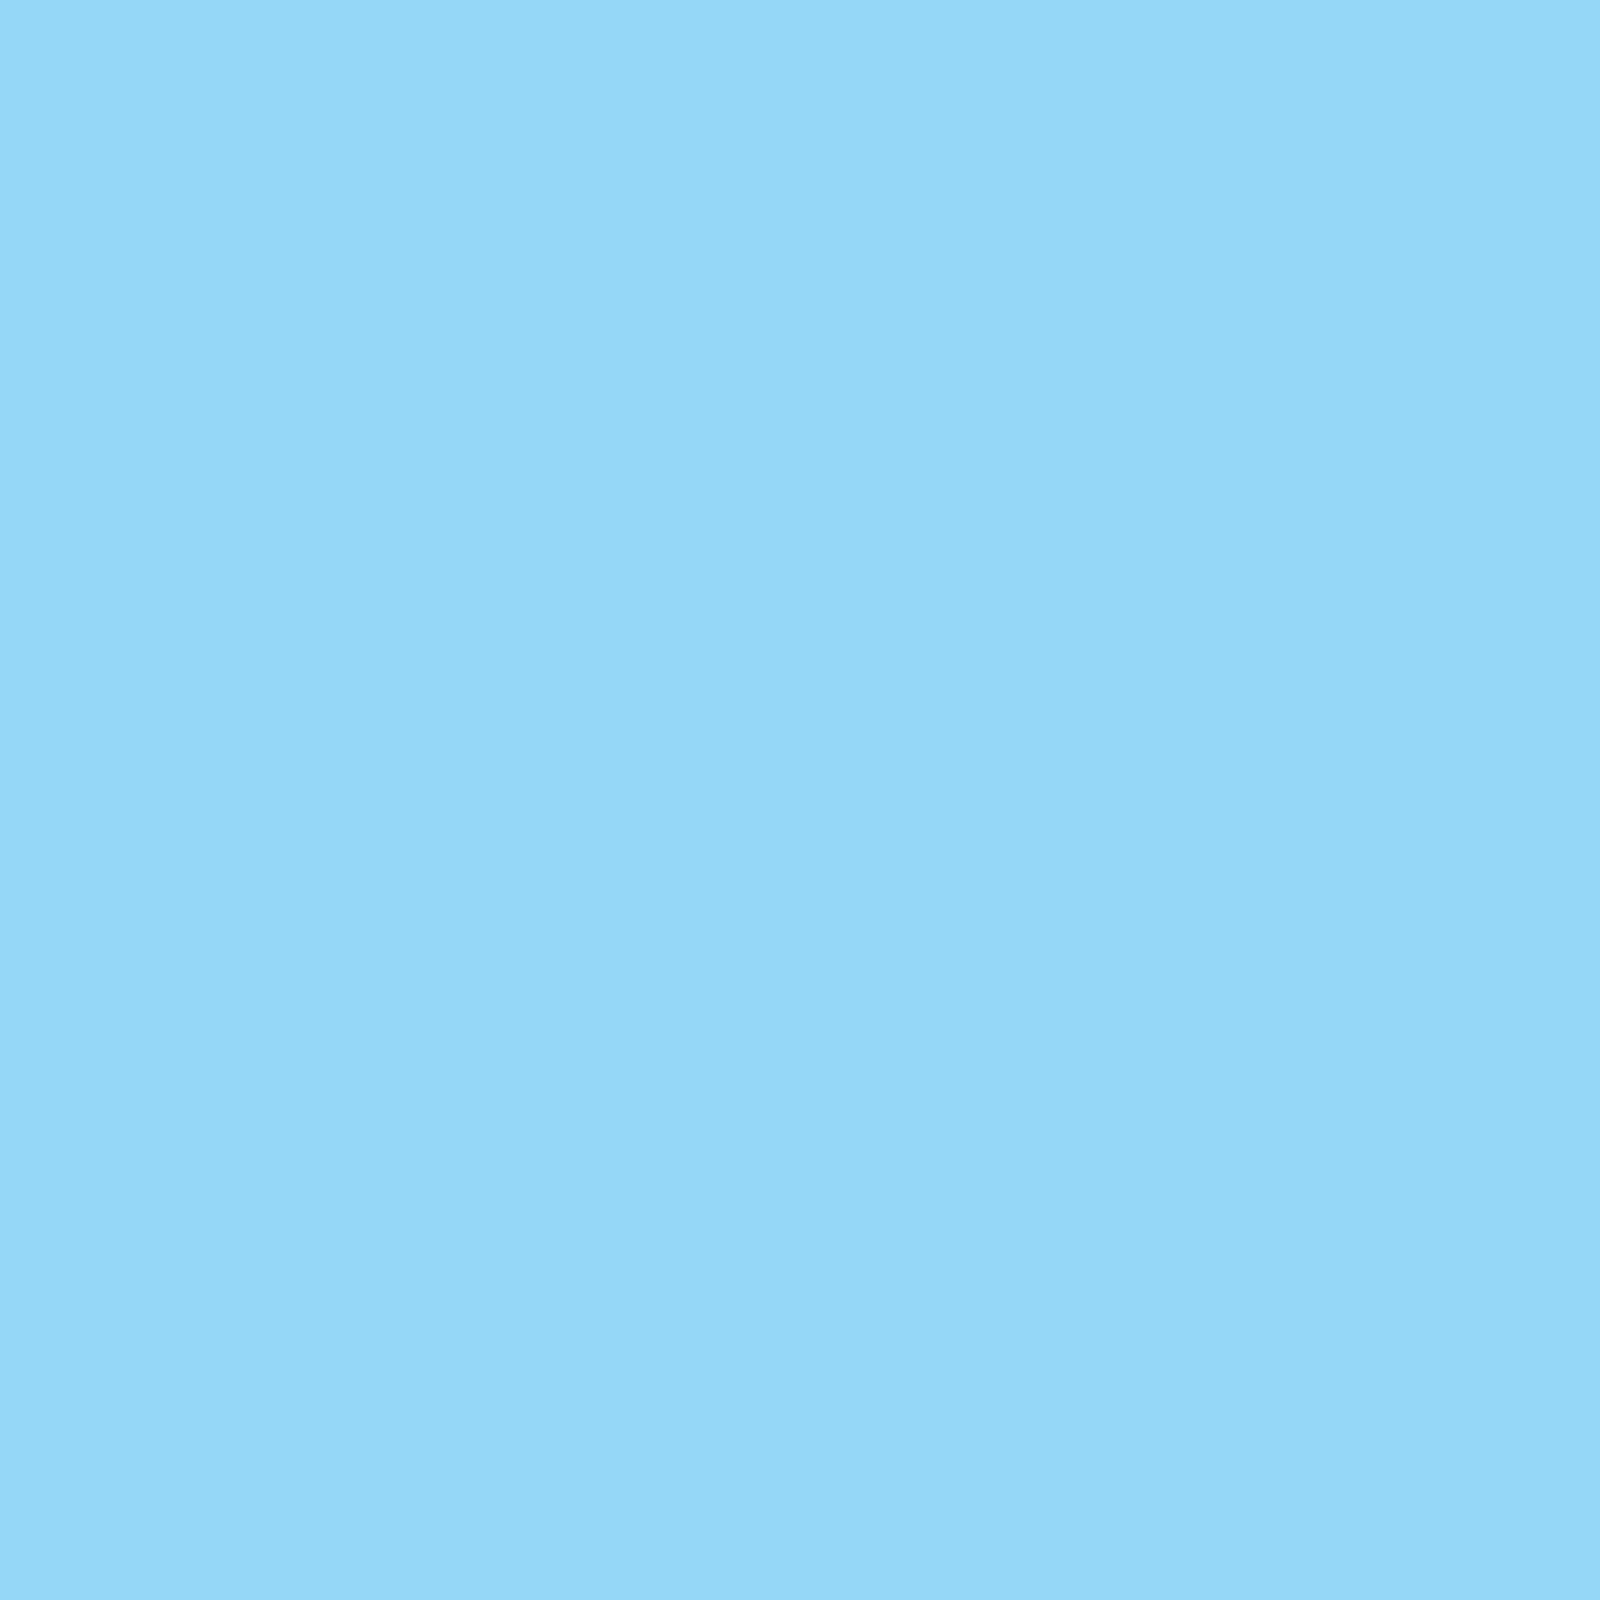 kobra albastru deschis